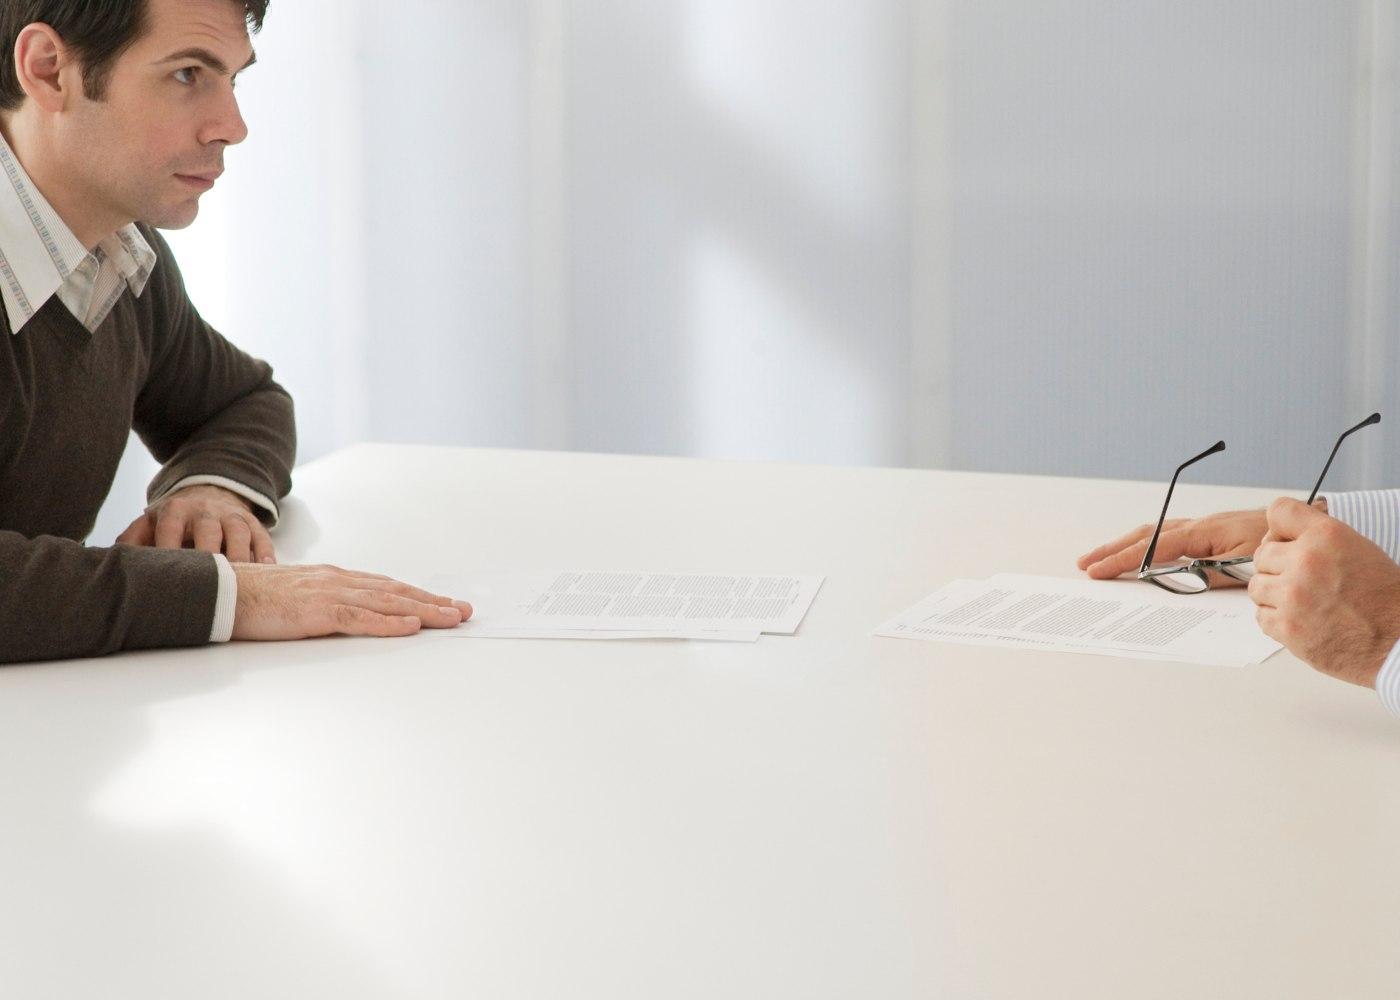 trabalhador a conversar com o empregador sobre a rescisão do contrato